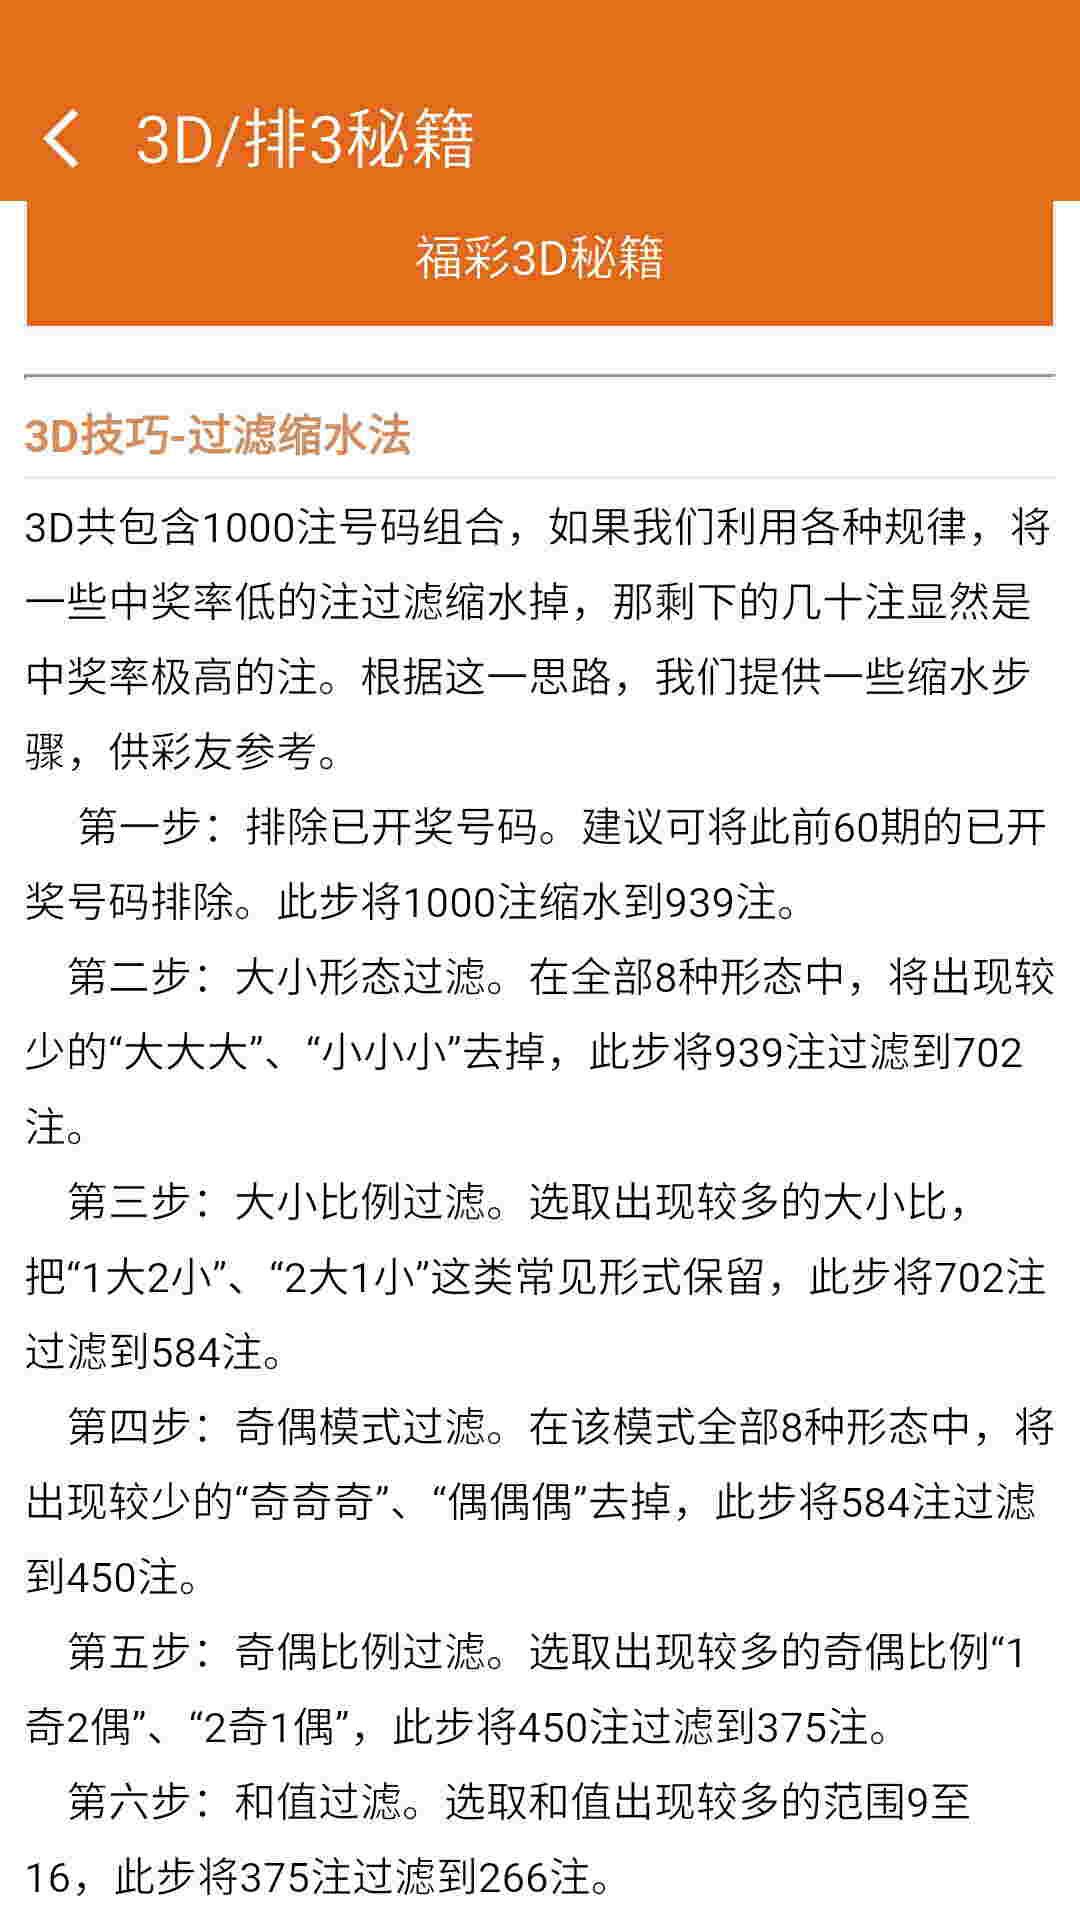 福彩3D综合走势图_福彩3d最近200期走势图_彩票走势图